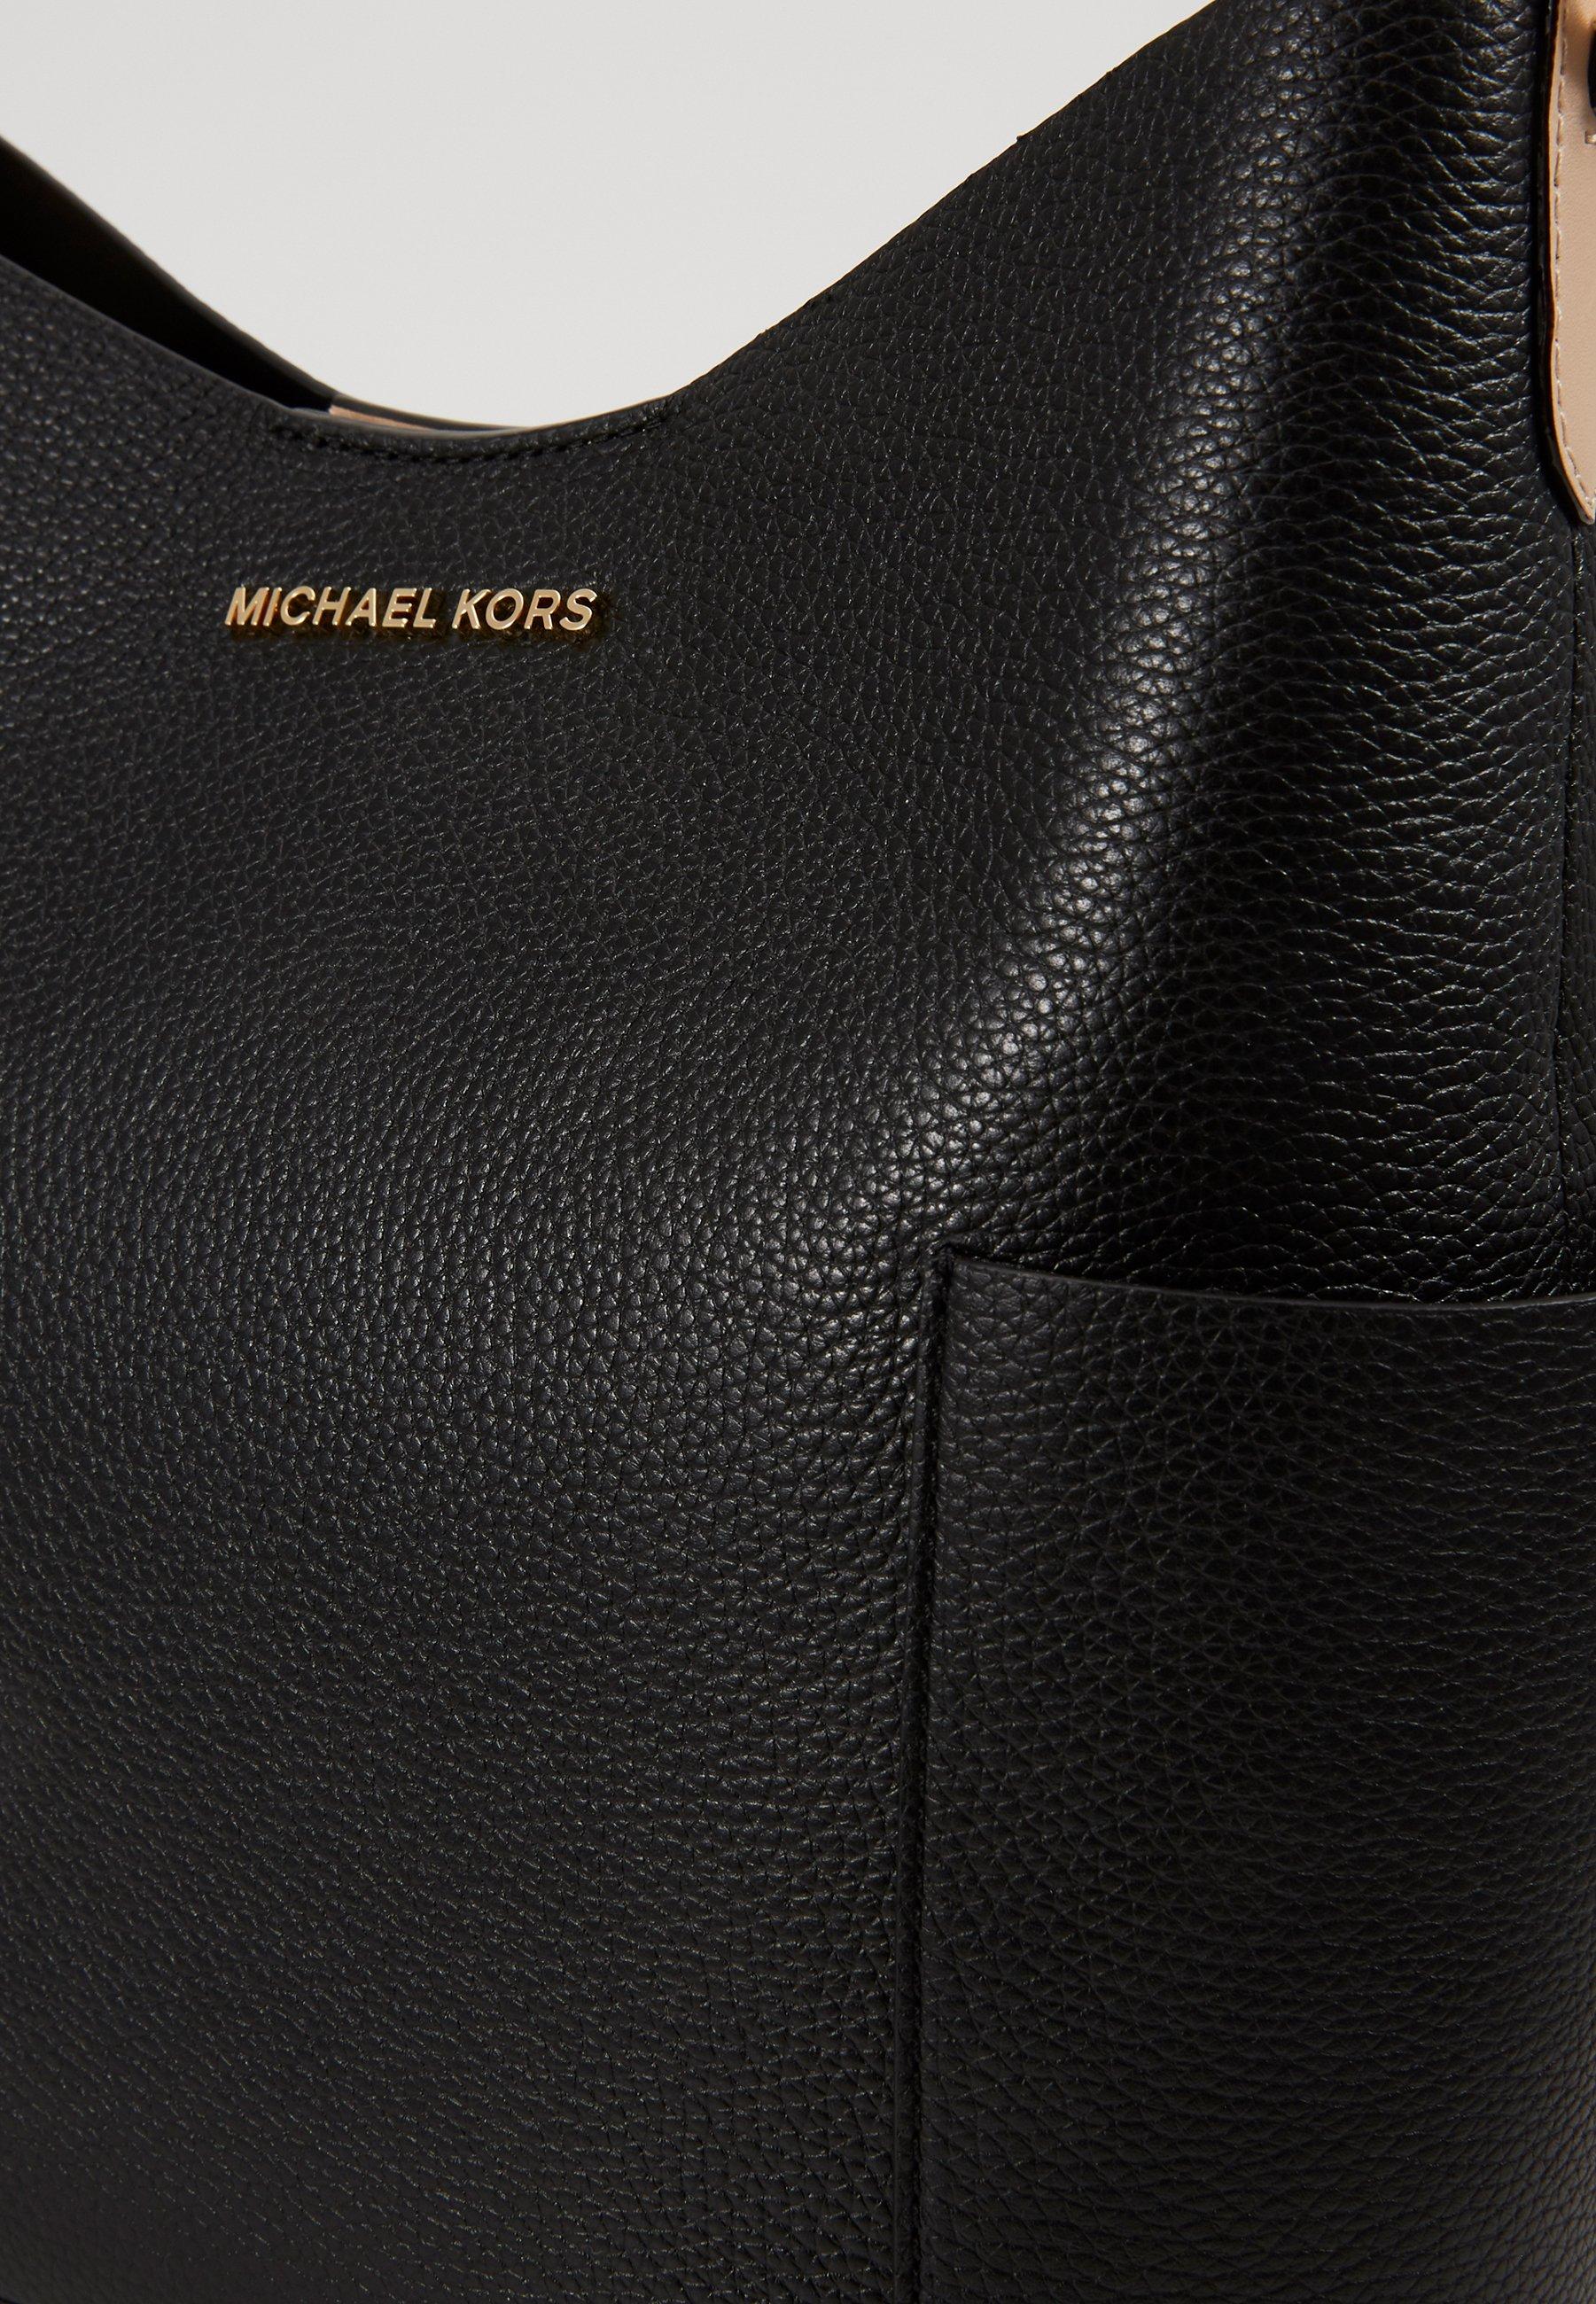 Michael Kors Bedford Bucket - Sac À Main Black cM6xo6y